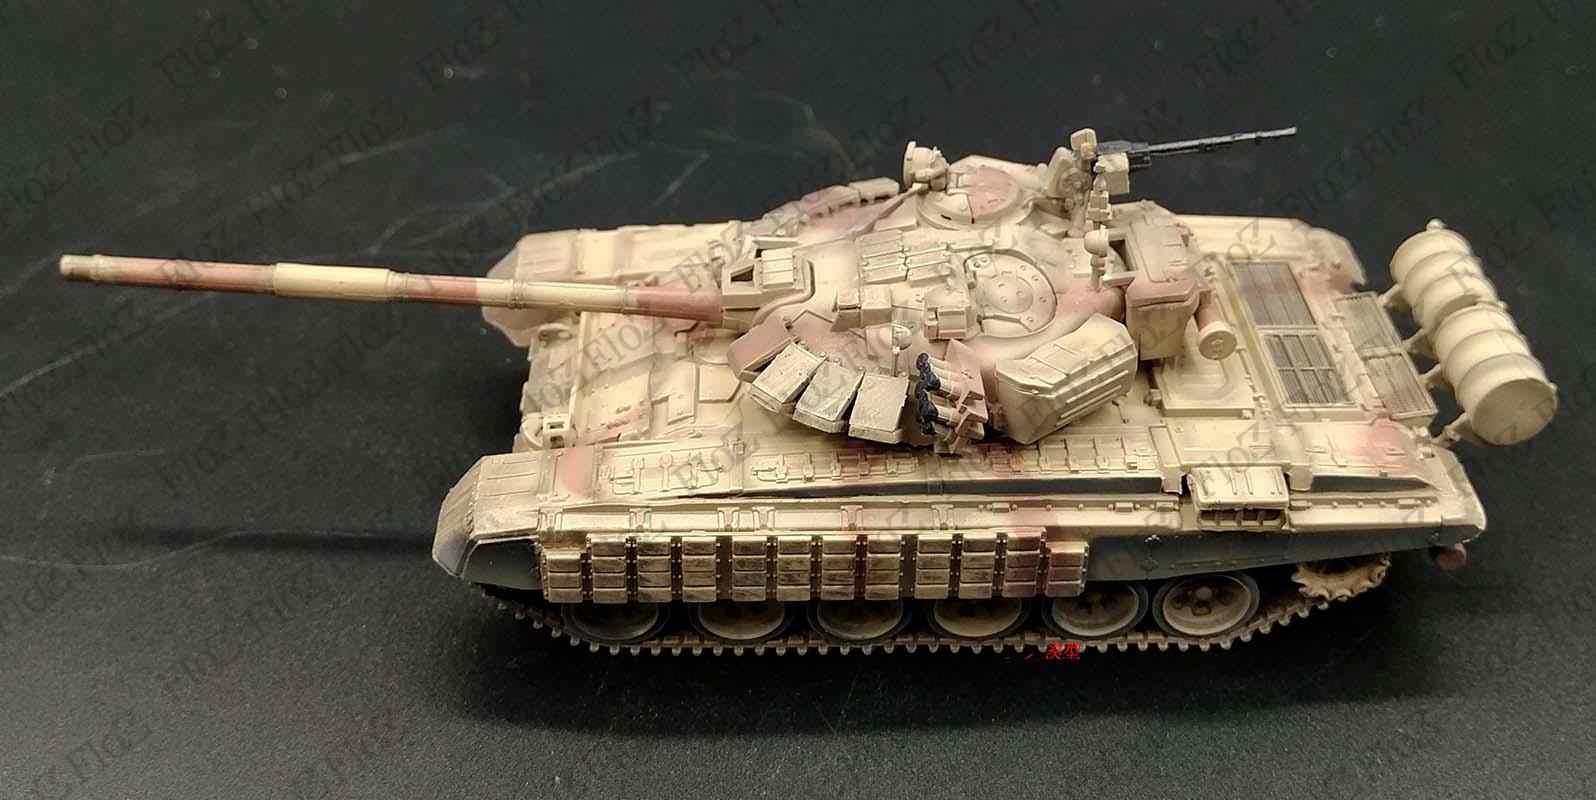 Modelcollect 1//72 AS-72054 Syrian War T-72BM Kontakt-1 Explosive Reactive Armor